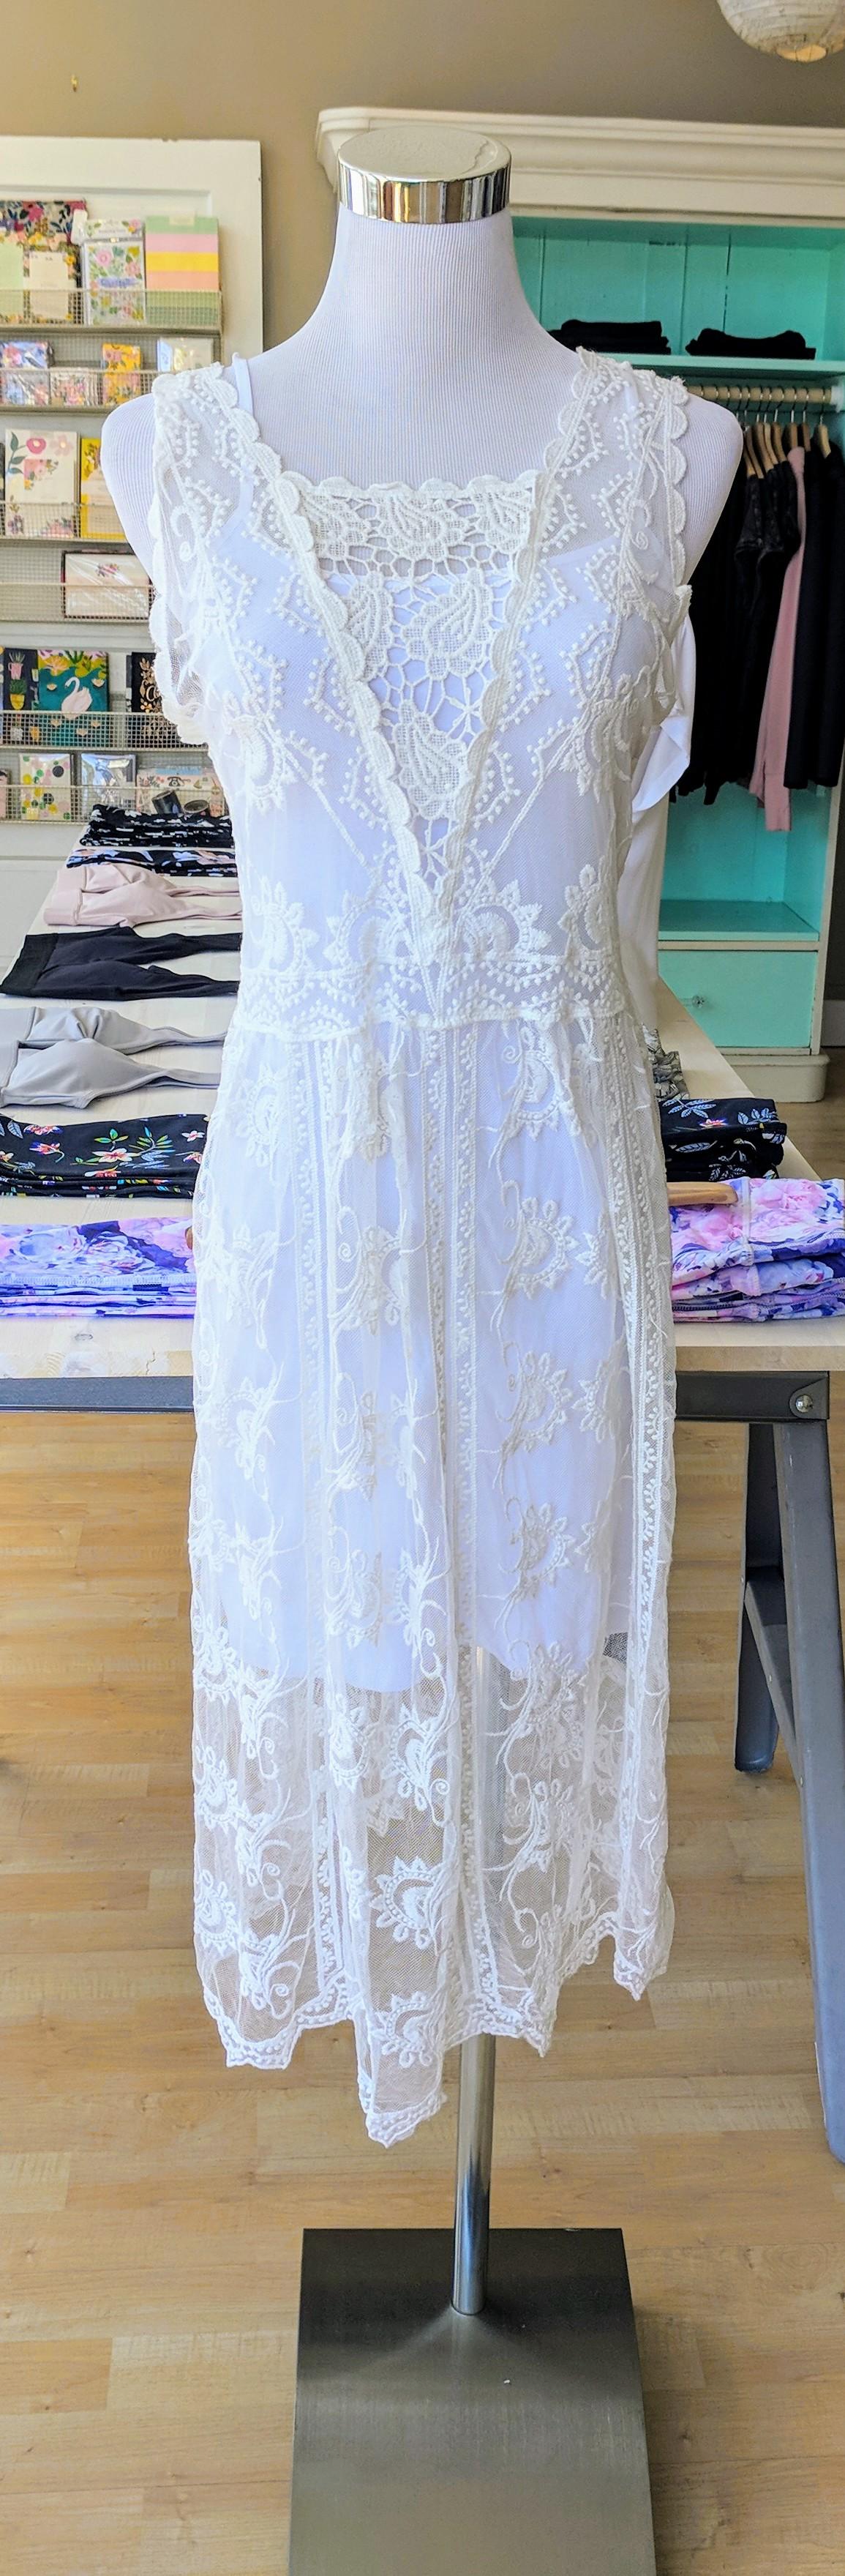 Ivory Lace Dress $38